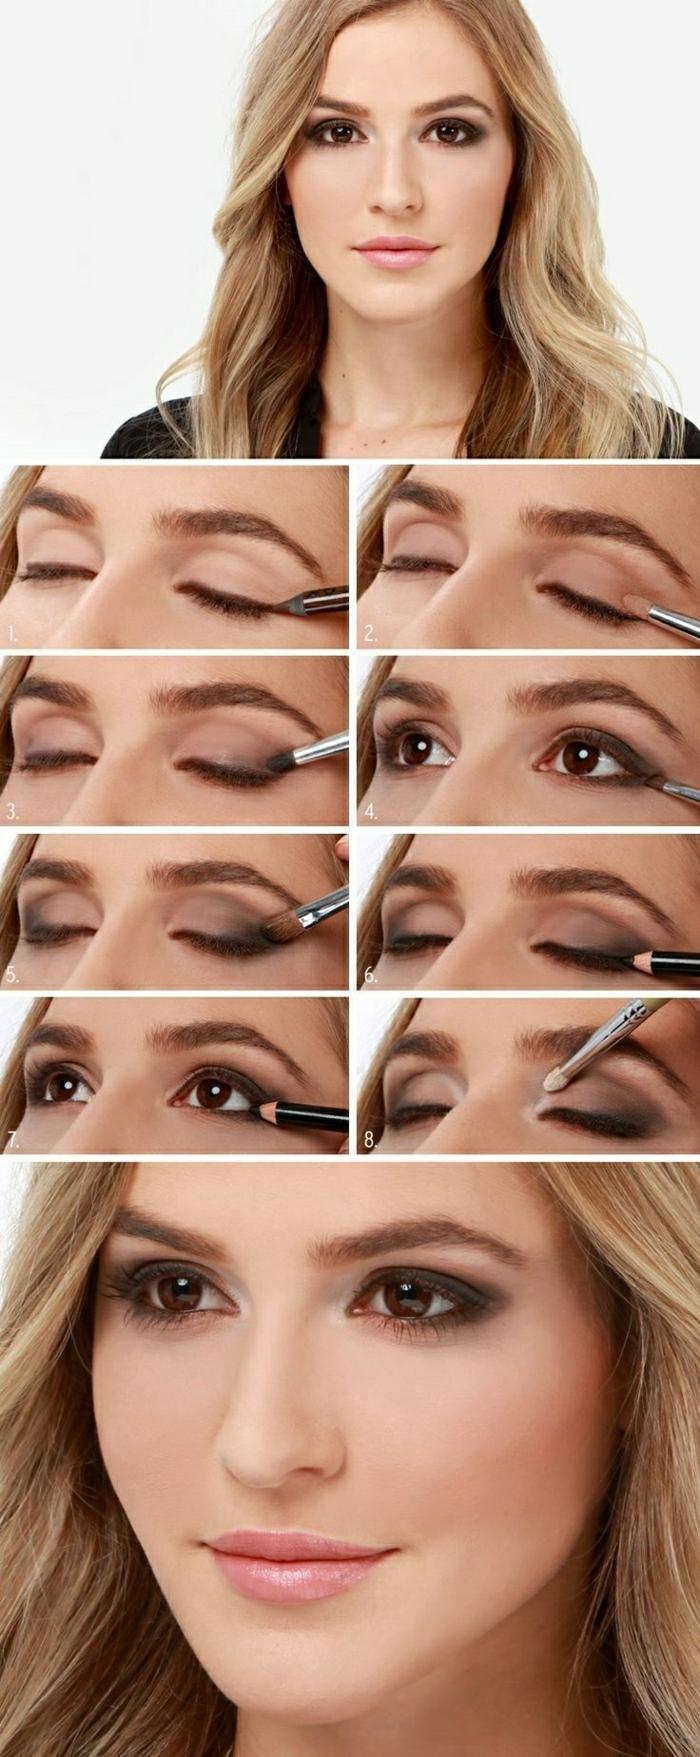 maquillage-des-yeux-marrons-idées-noir-oeil-fumé